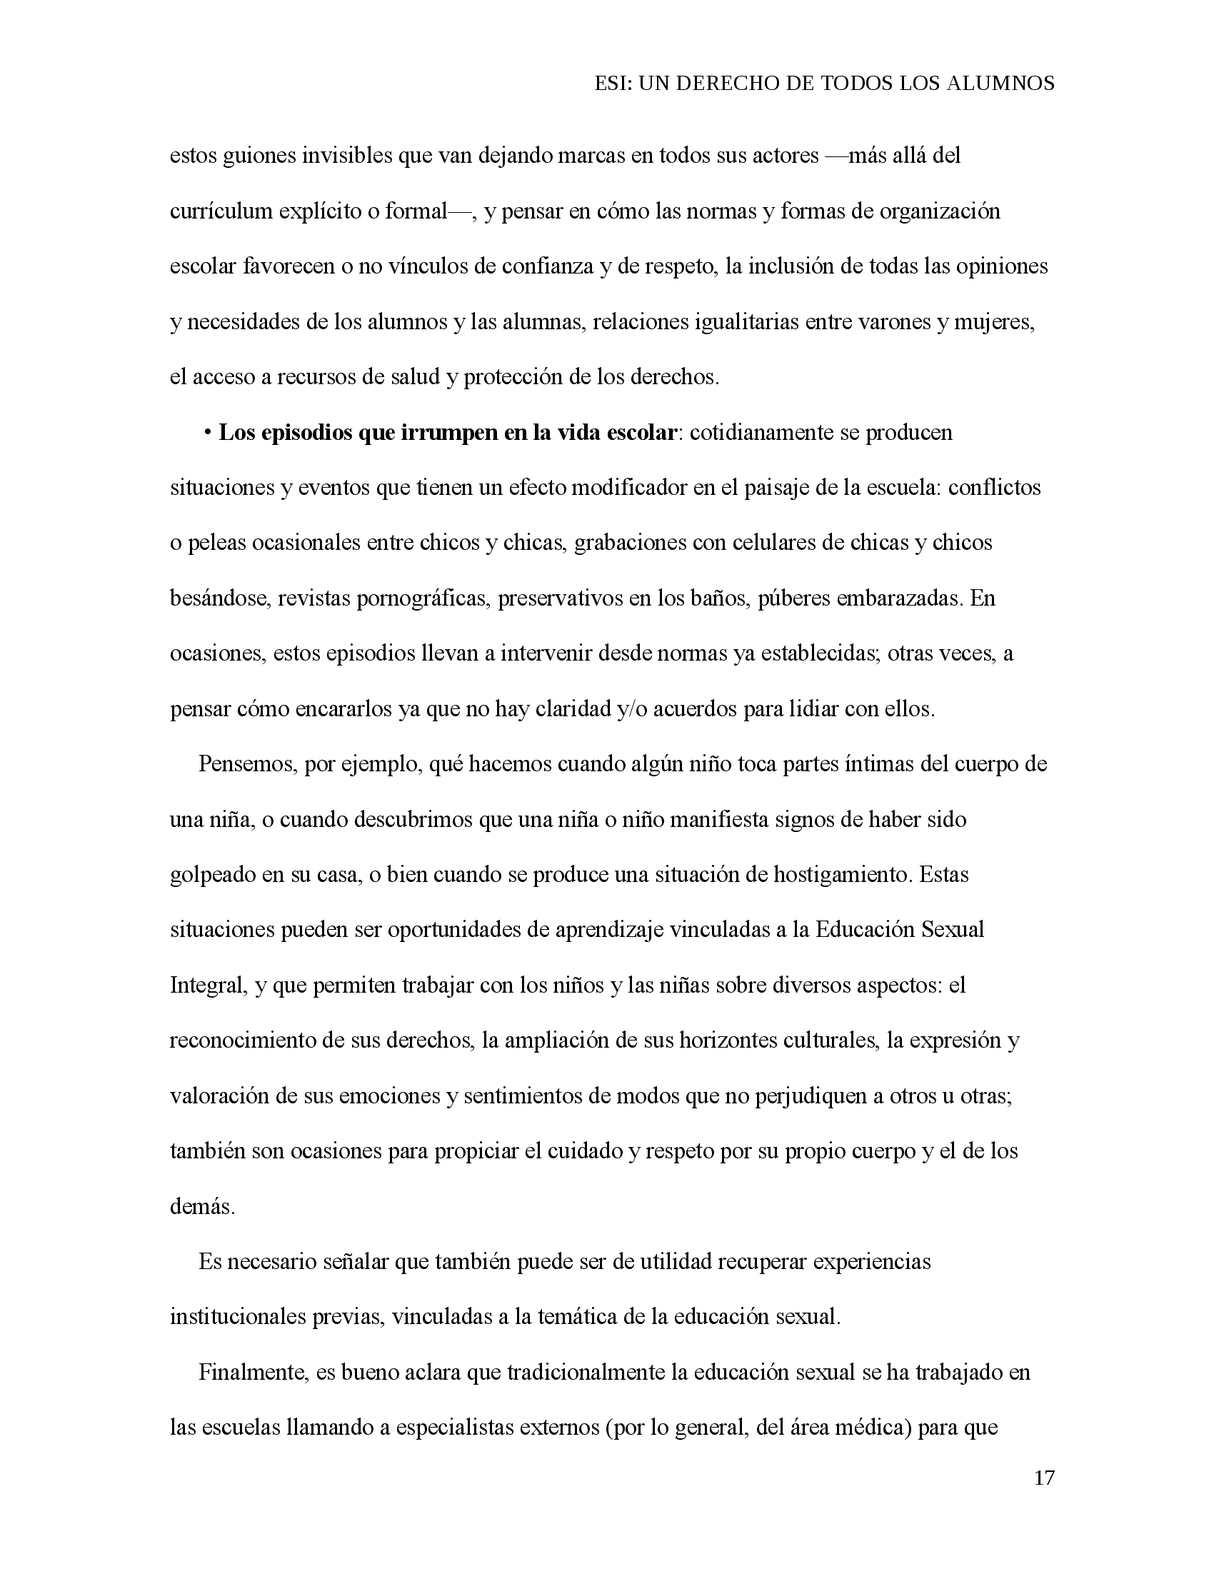 Único Creador De Currículum Opiniones Regalo - Ejemplo De Currículum ...